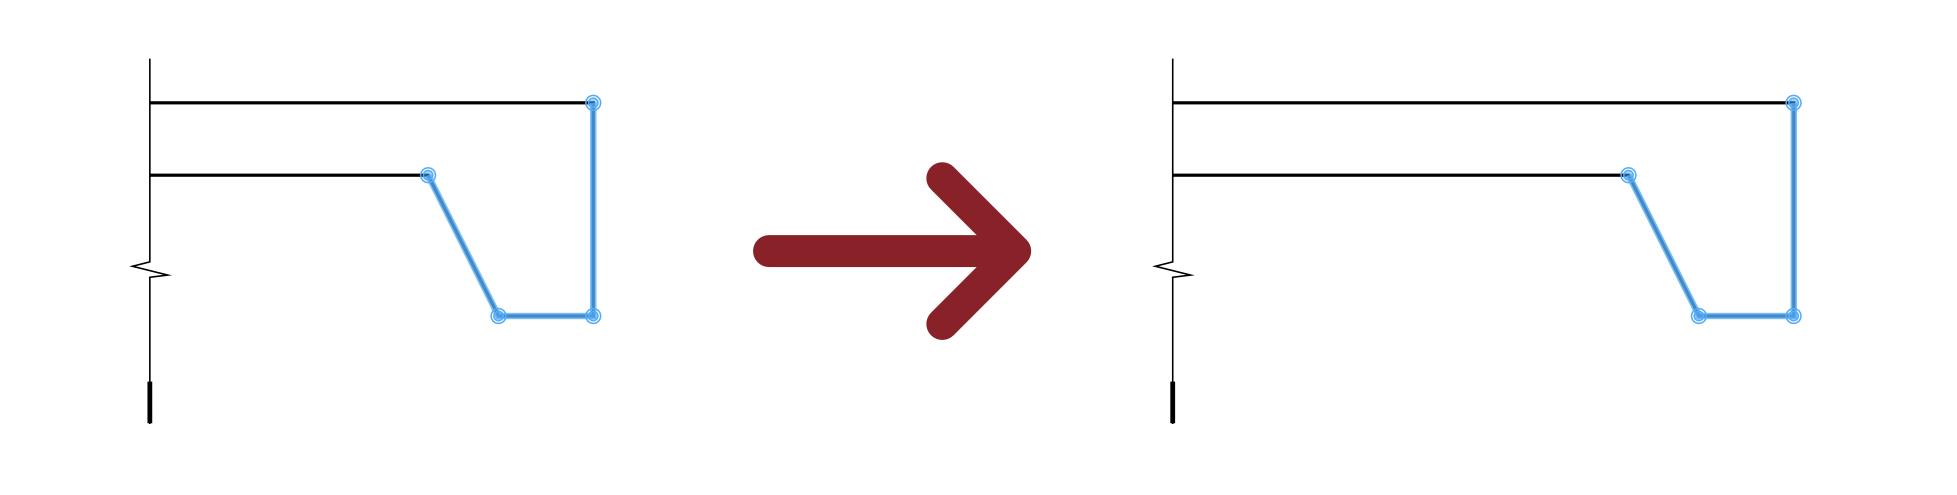 Podczas edycji ścieżki wybierz kilka segmentów lub punktów i przesuń je tak jak robisz to z geometrią w SketchUp.